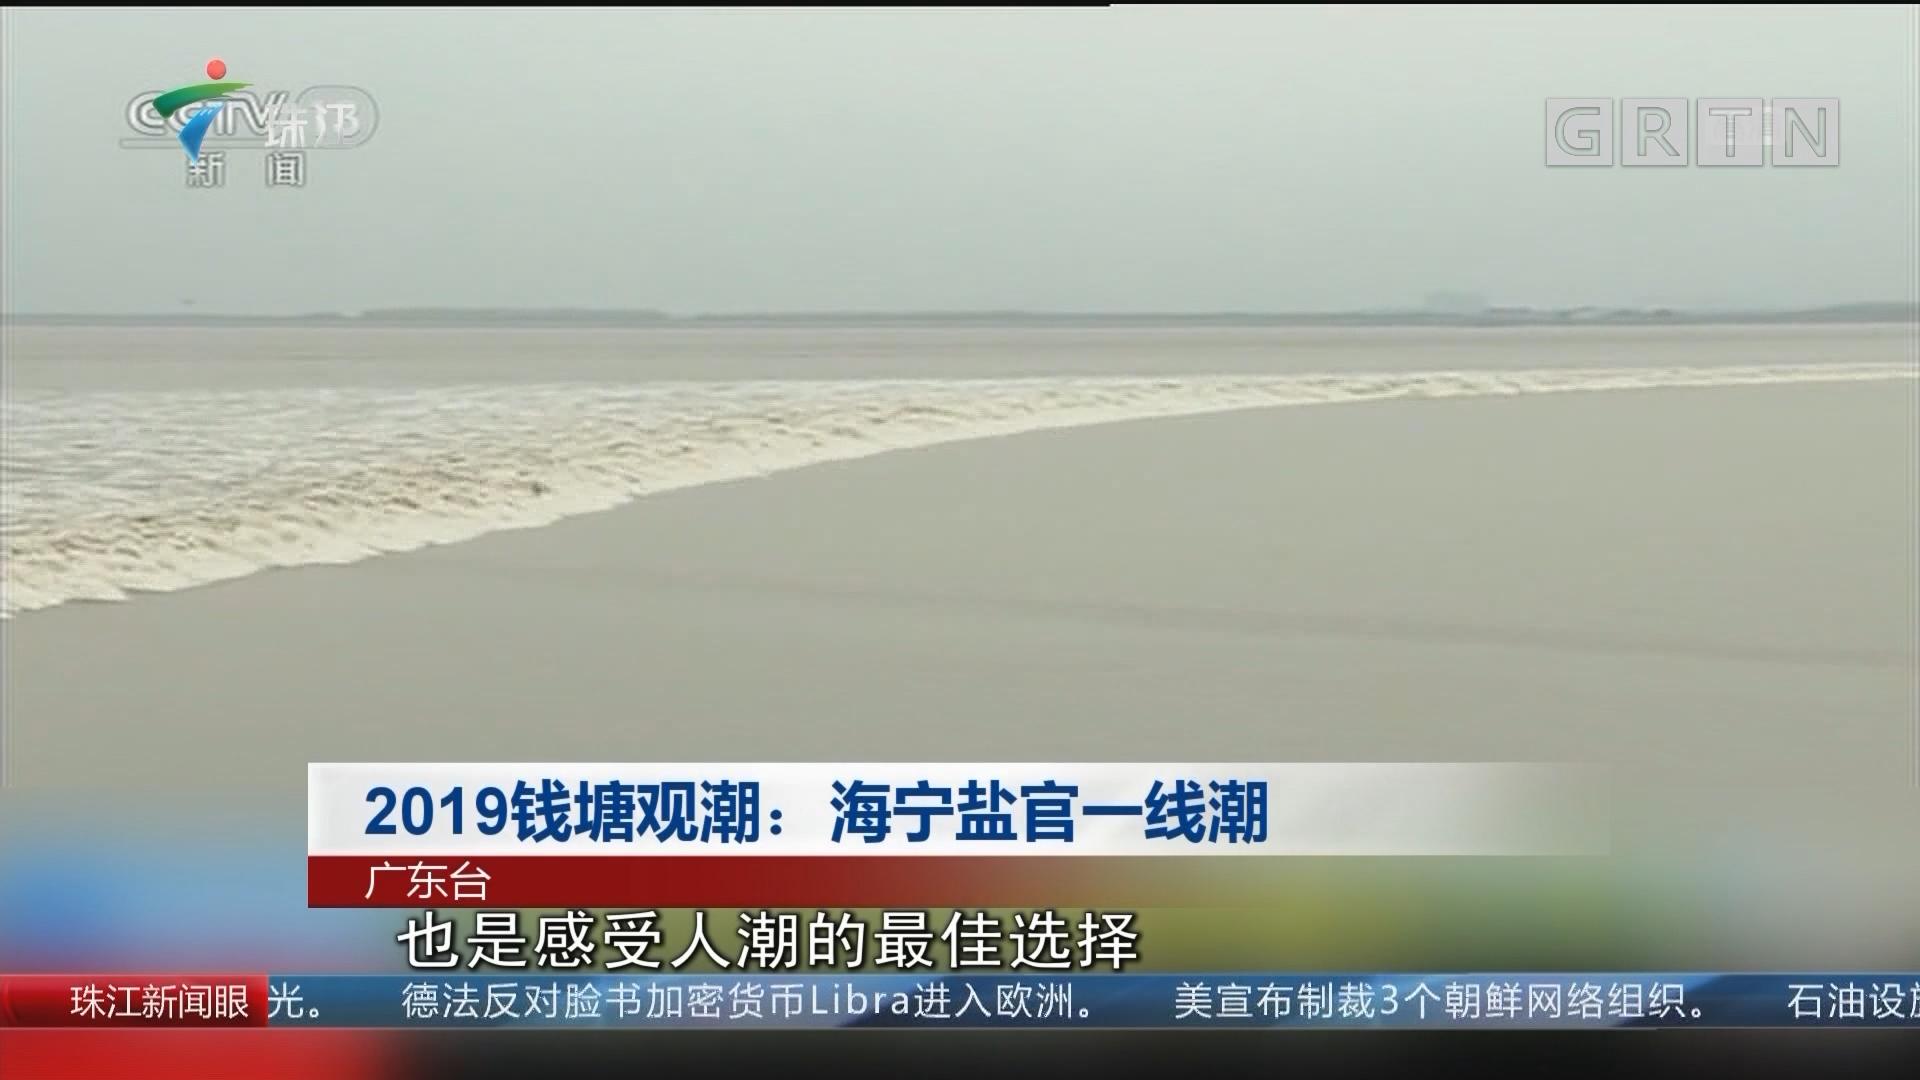 2019钱塘观潮:海宁盐官一线潮